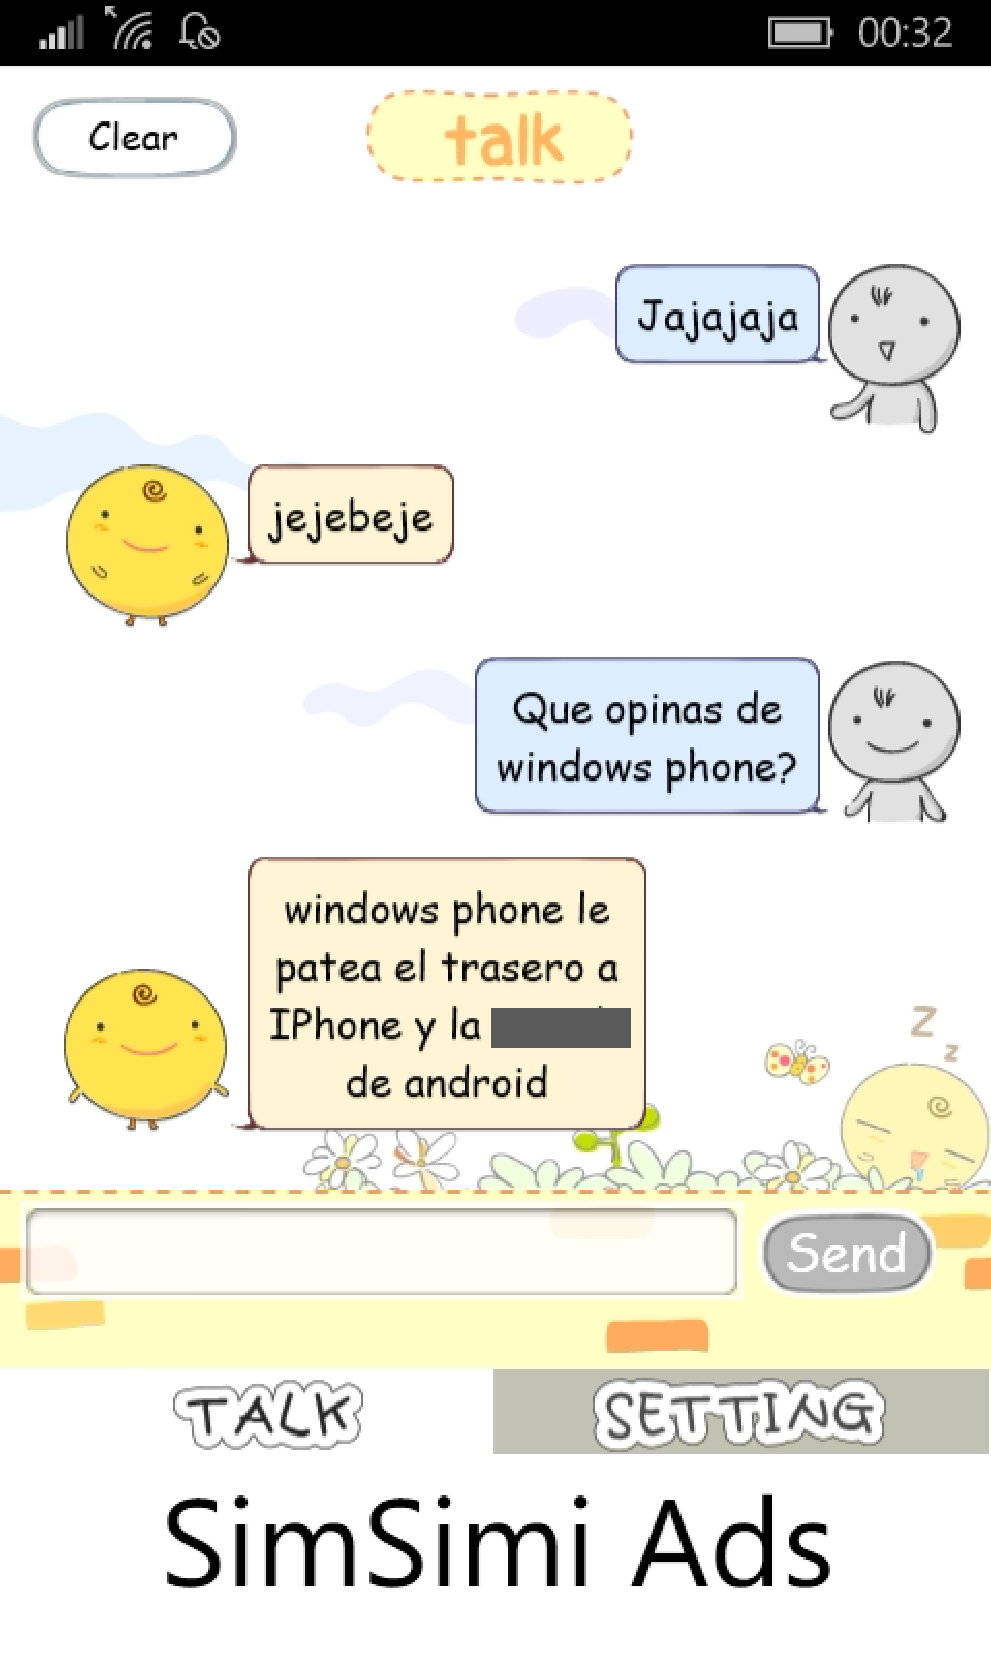 SimSimi también está disponible para Windows Phone y